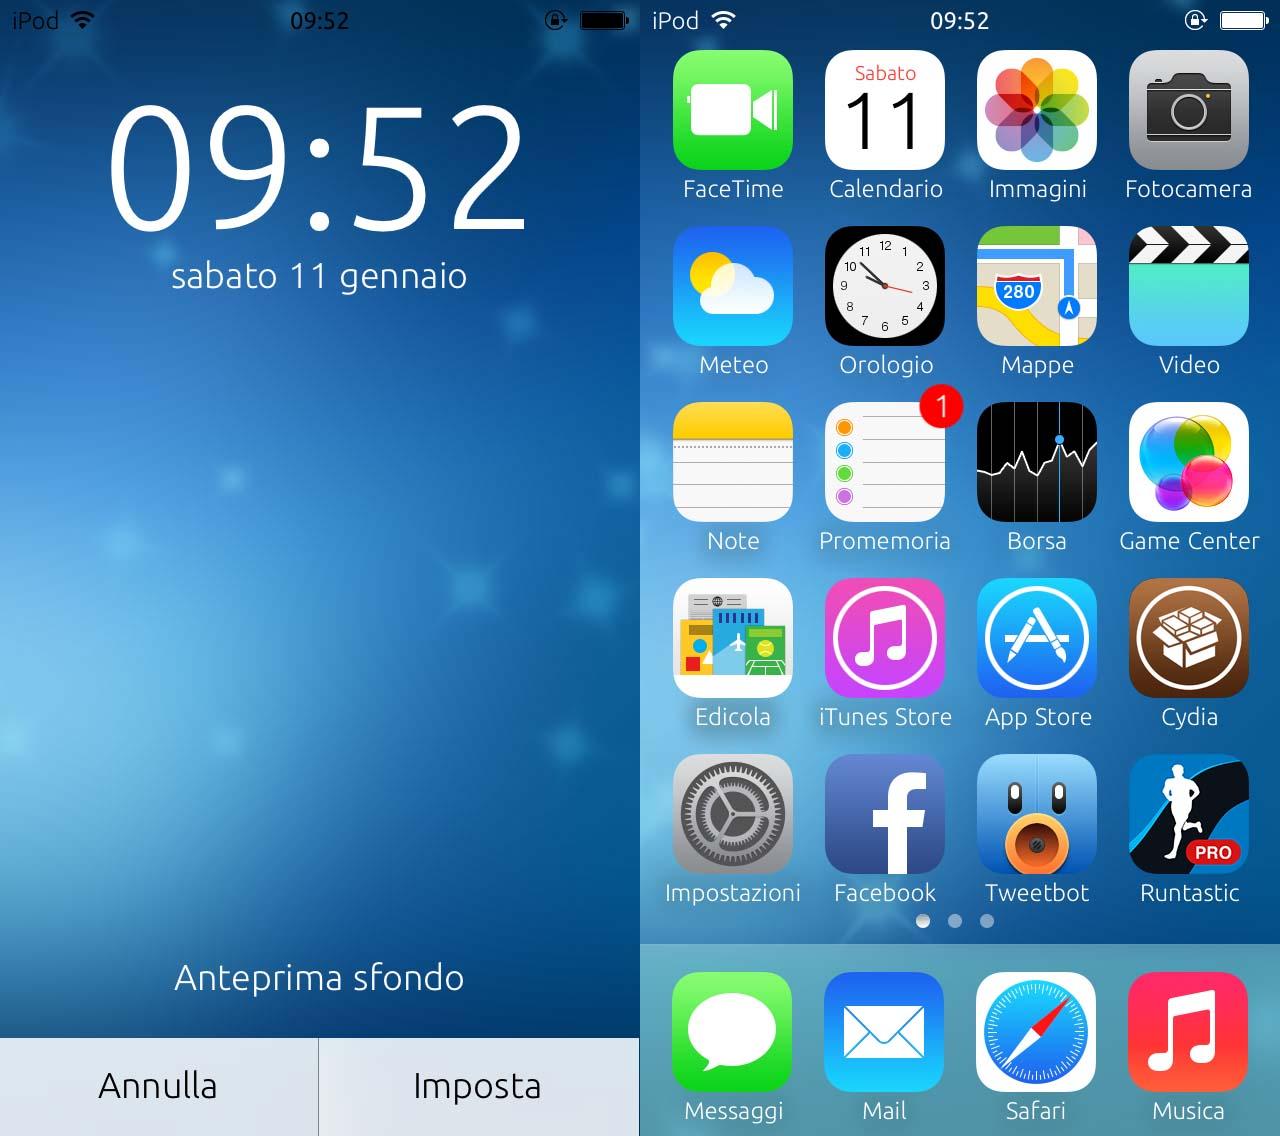 Live Wallpaper For Iphone Cydia Come Aggiungere Nuovi Sfondi Animati Al Tuo Iphone Con Ios